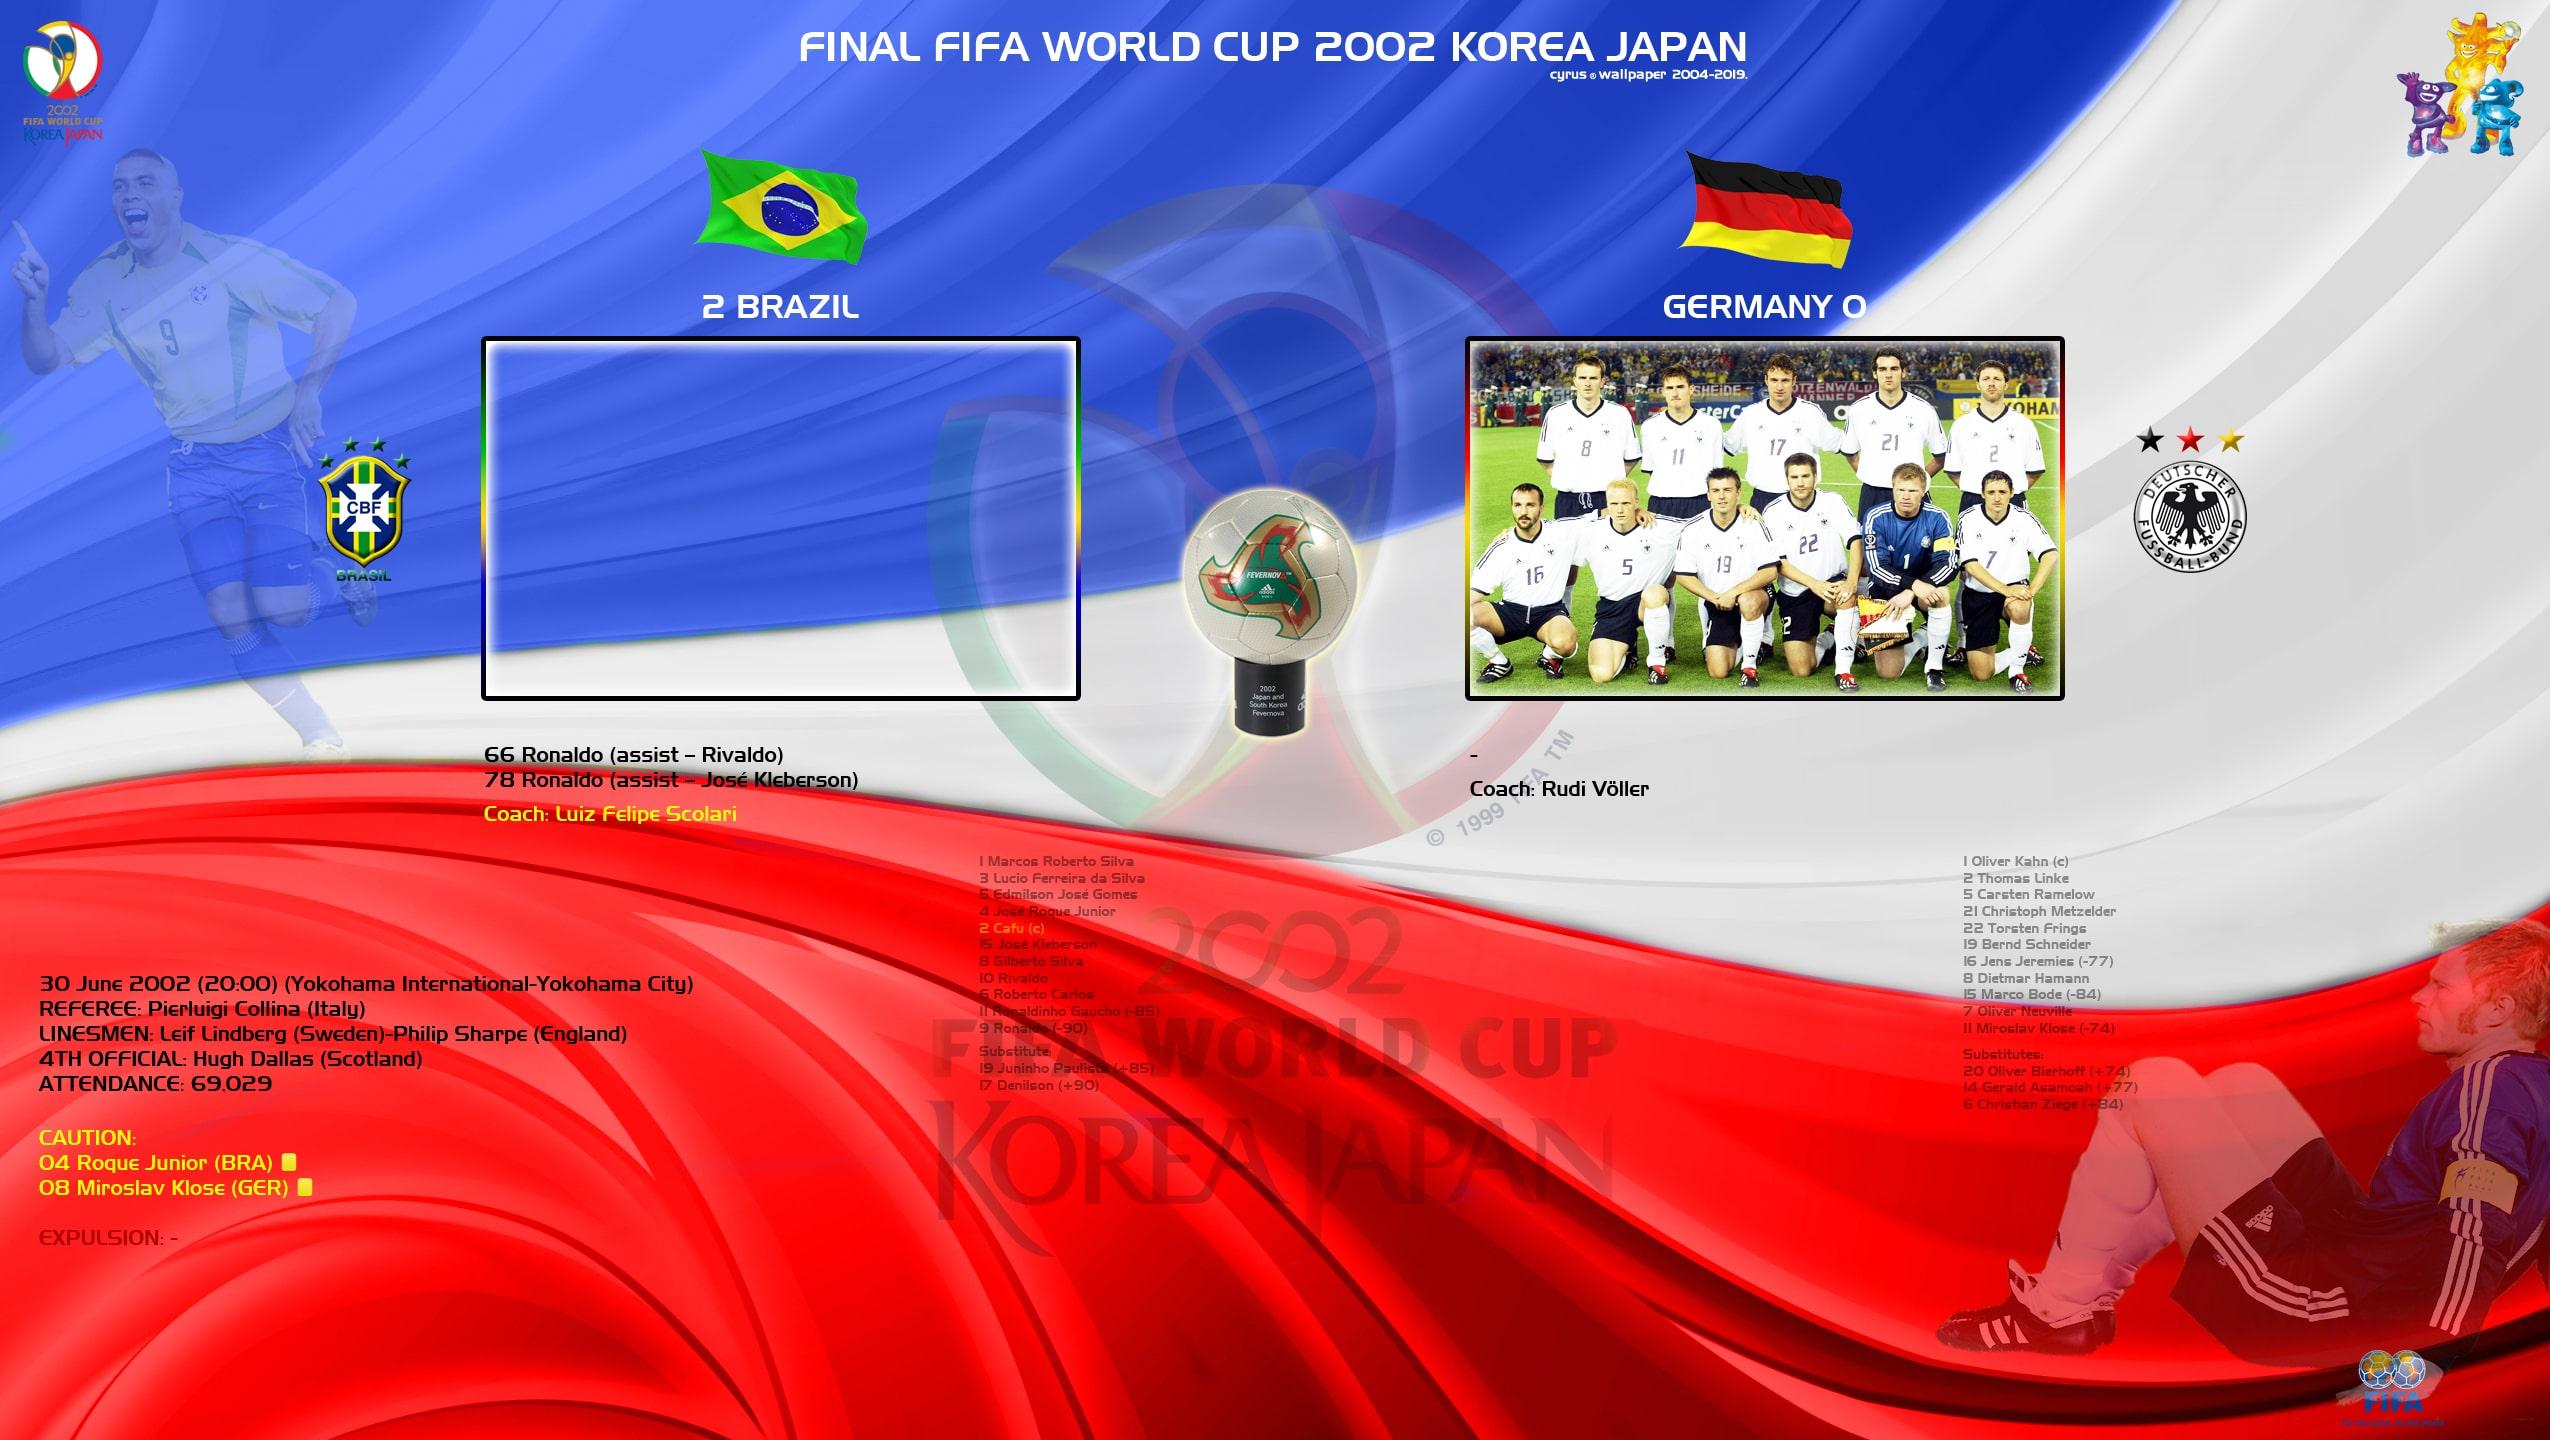 والپیپر فینال جام جهانی 2002 کره و ژاپن